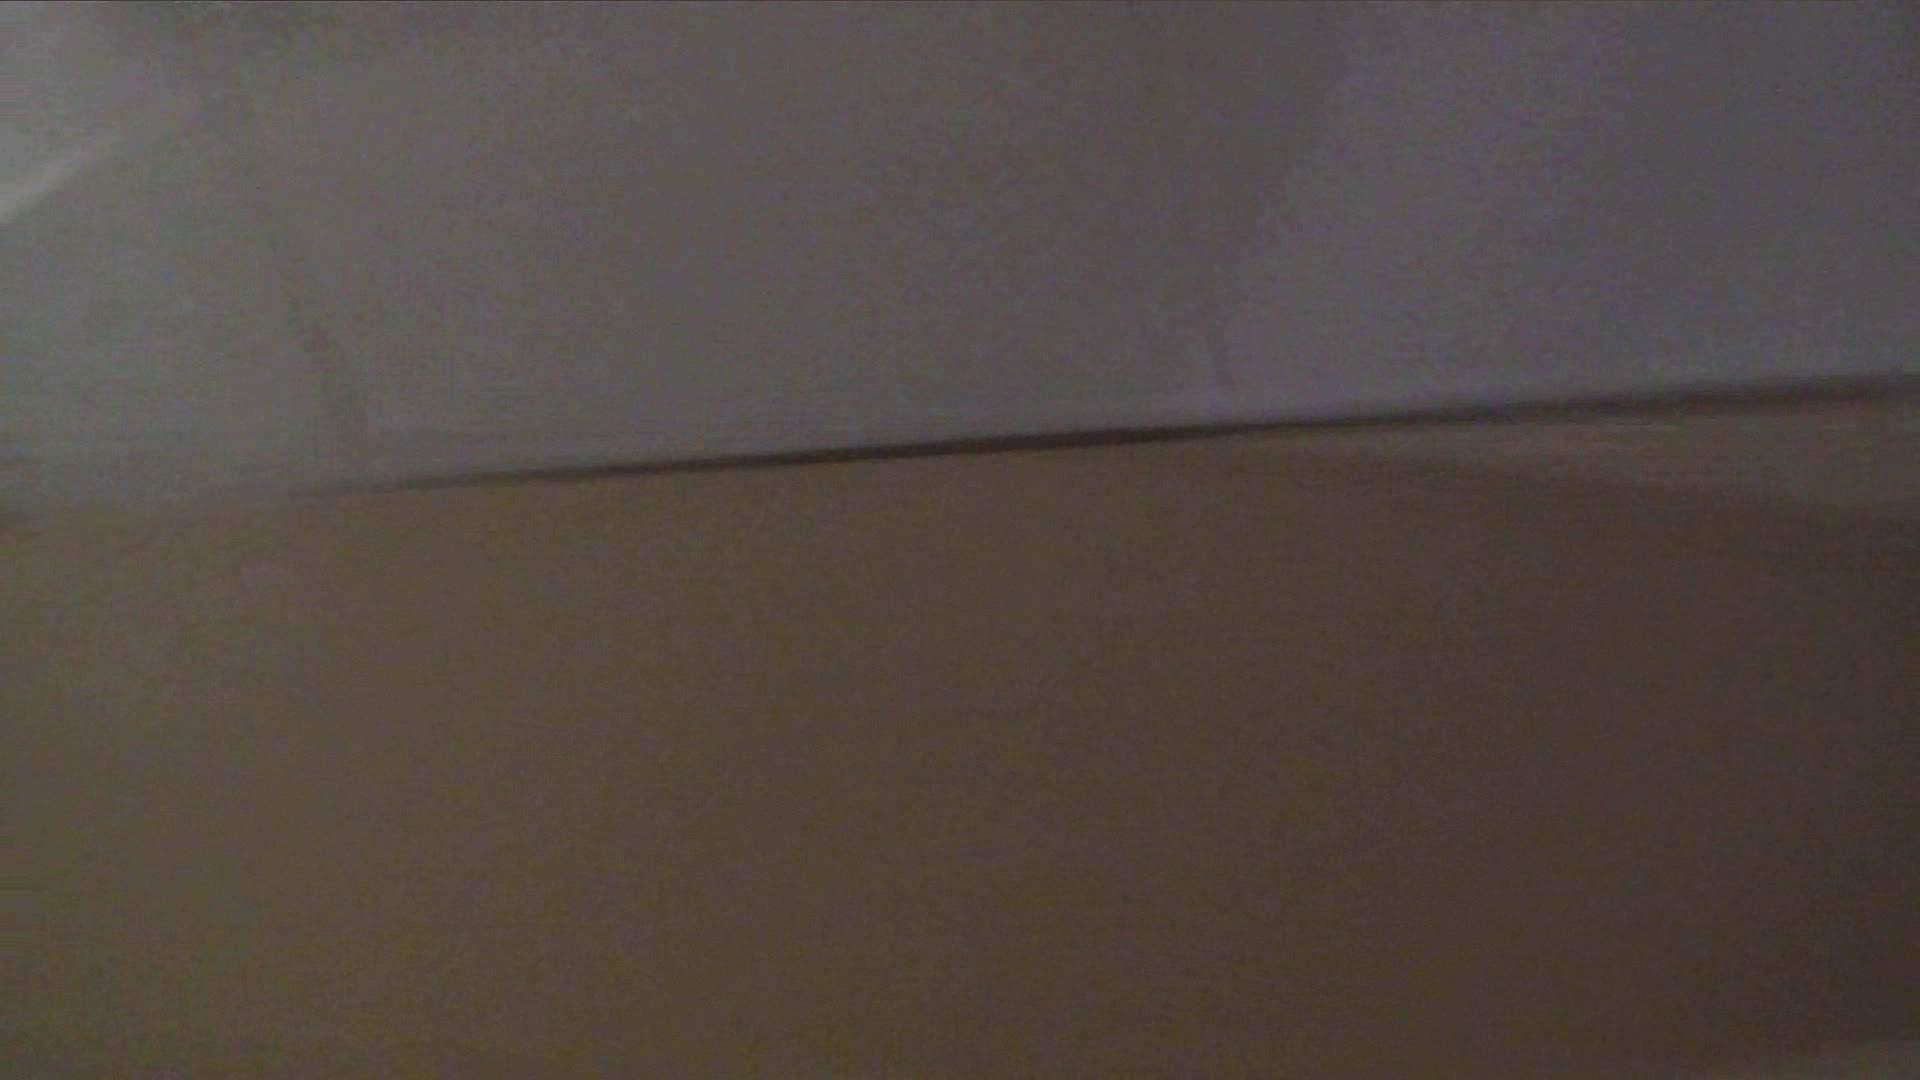 洗寿観音さんの 化粧室は四面楚歌Nol.1 丸見え | お姉さんのSEX  96枚 26